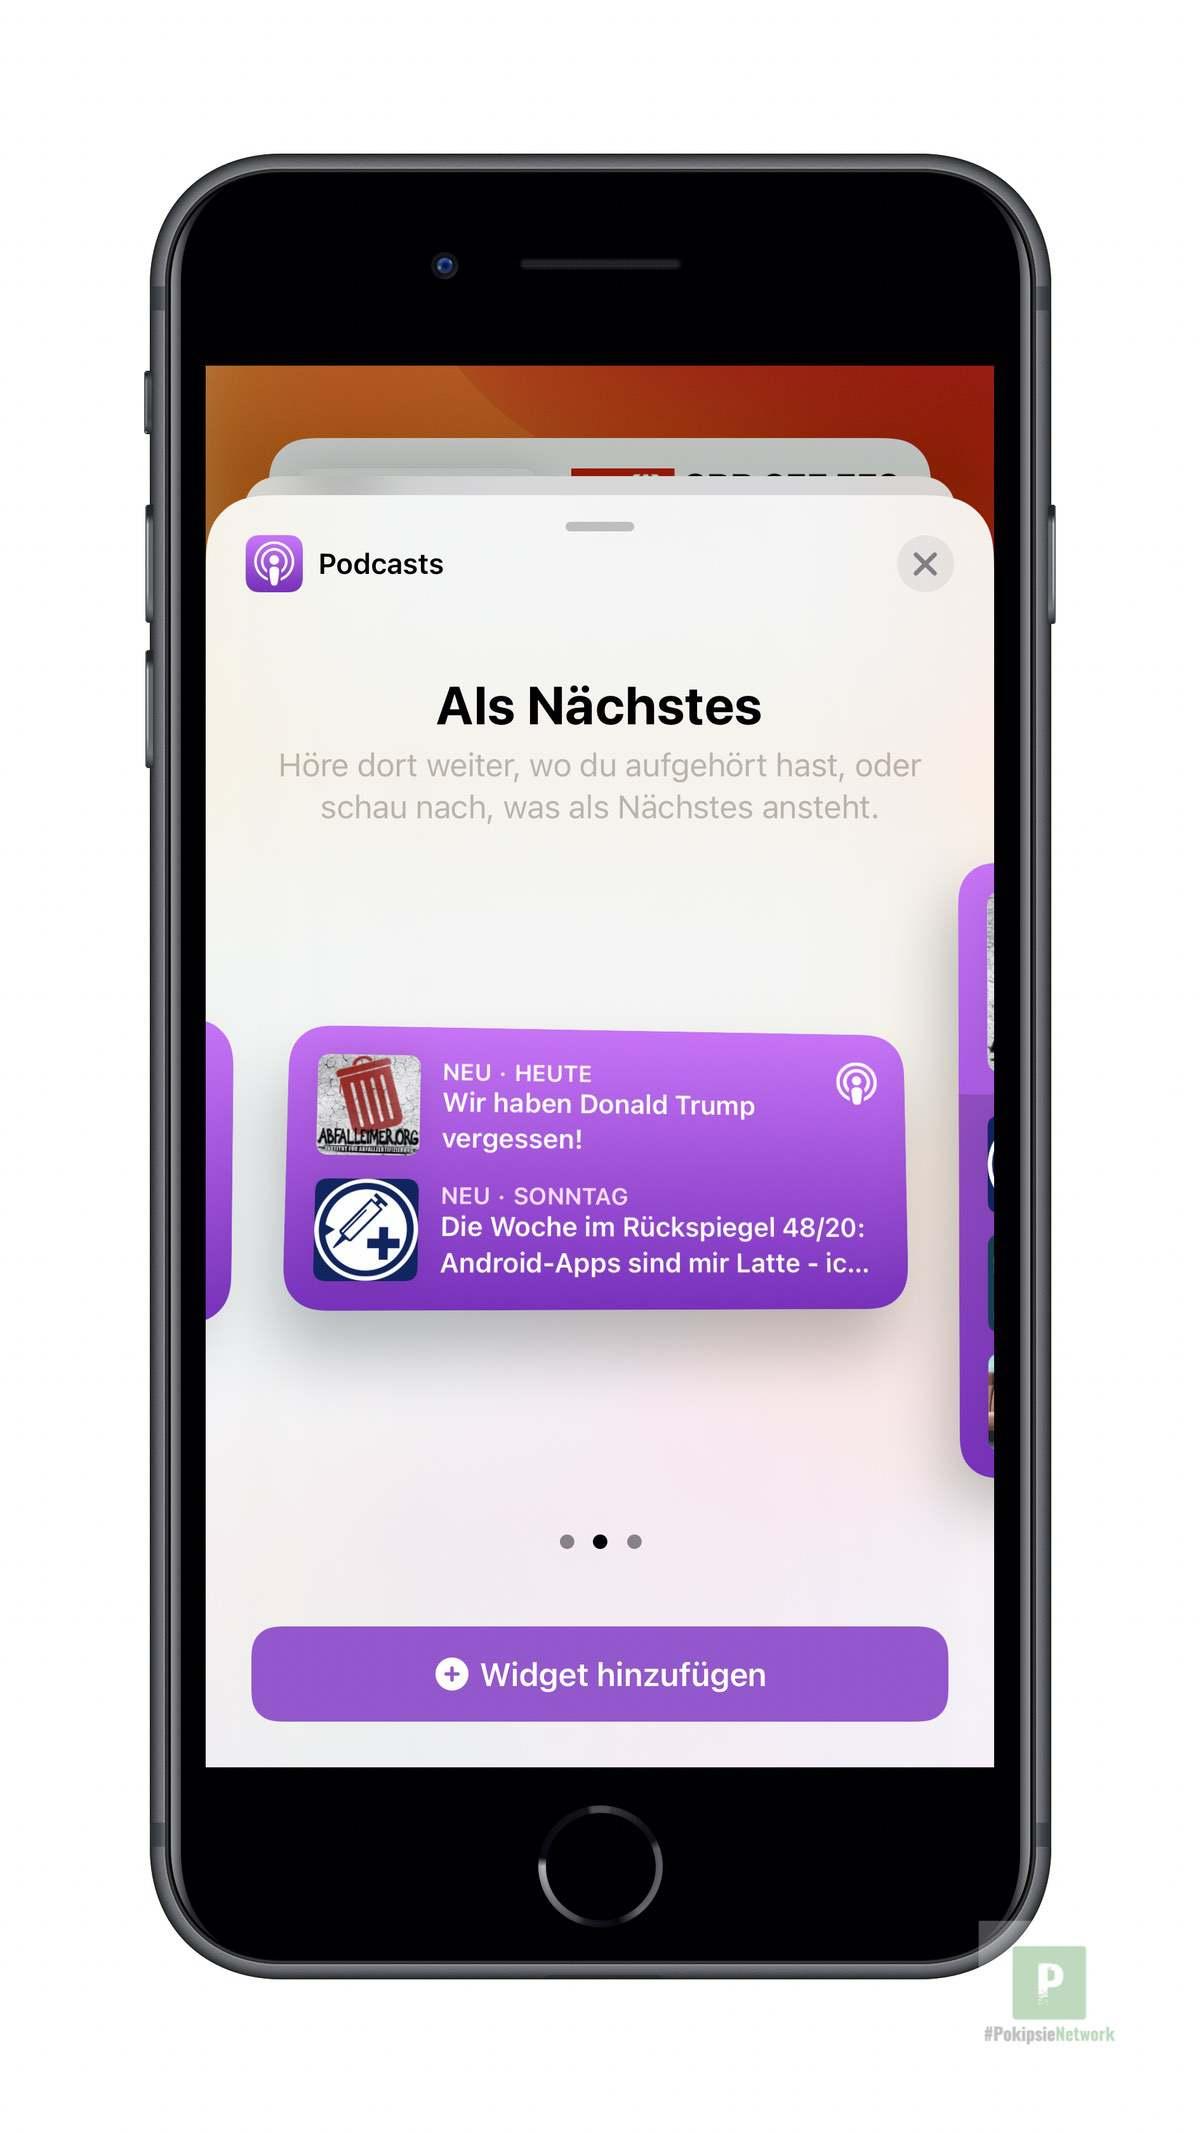 Apple Podcasts - Widgets aussuchen mittel